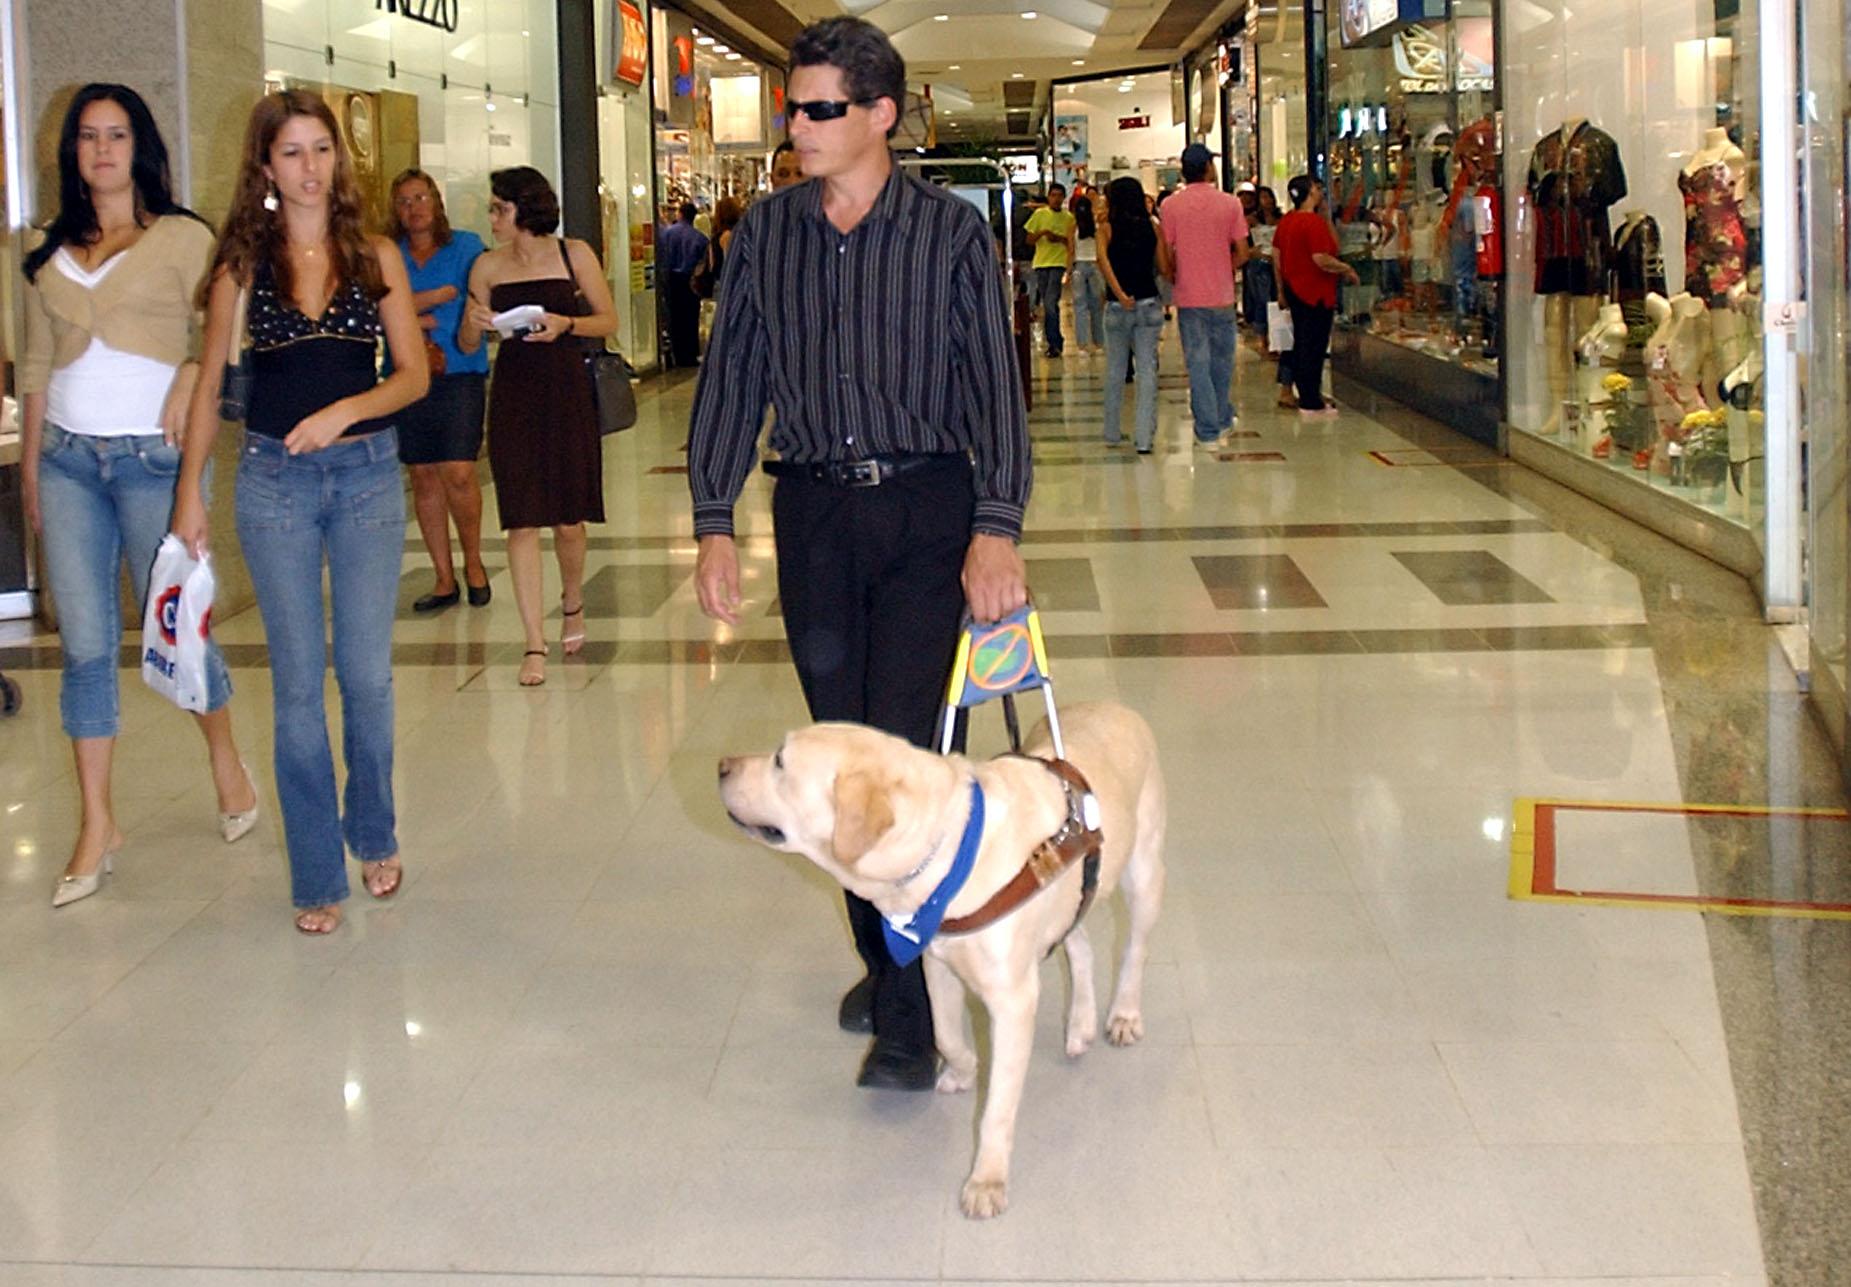 Zdjęcie przedstawia mężczyznę wraz z psem przewodnikiem. Idą prawdopodobnie przez centrum handlowe, mężczyzna ma okulary, a pies idzie przed nim. Wokół widać ludzi oraz sklepy.